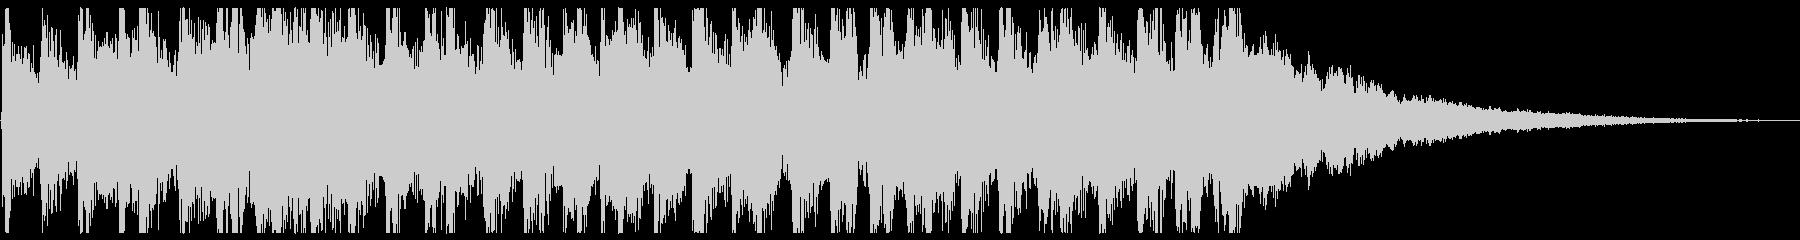 法人 コーポレートの未再生の波形